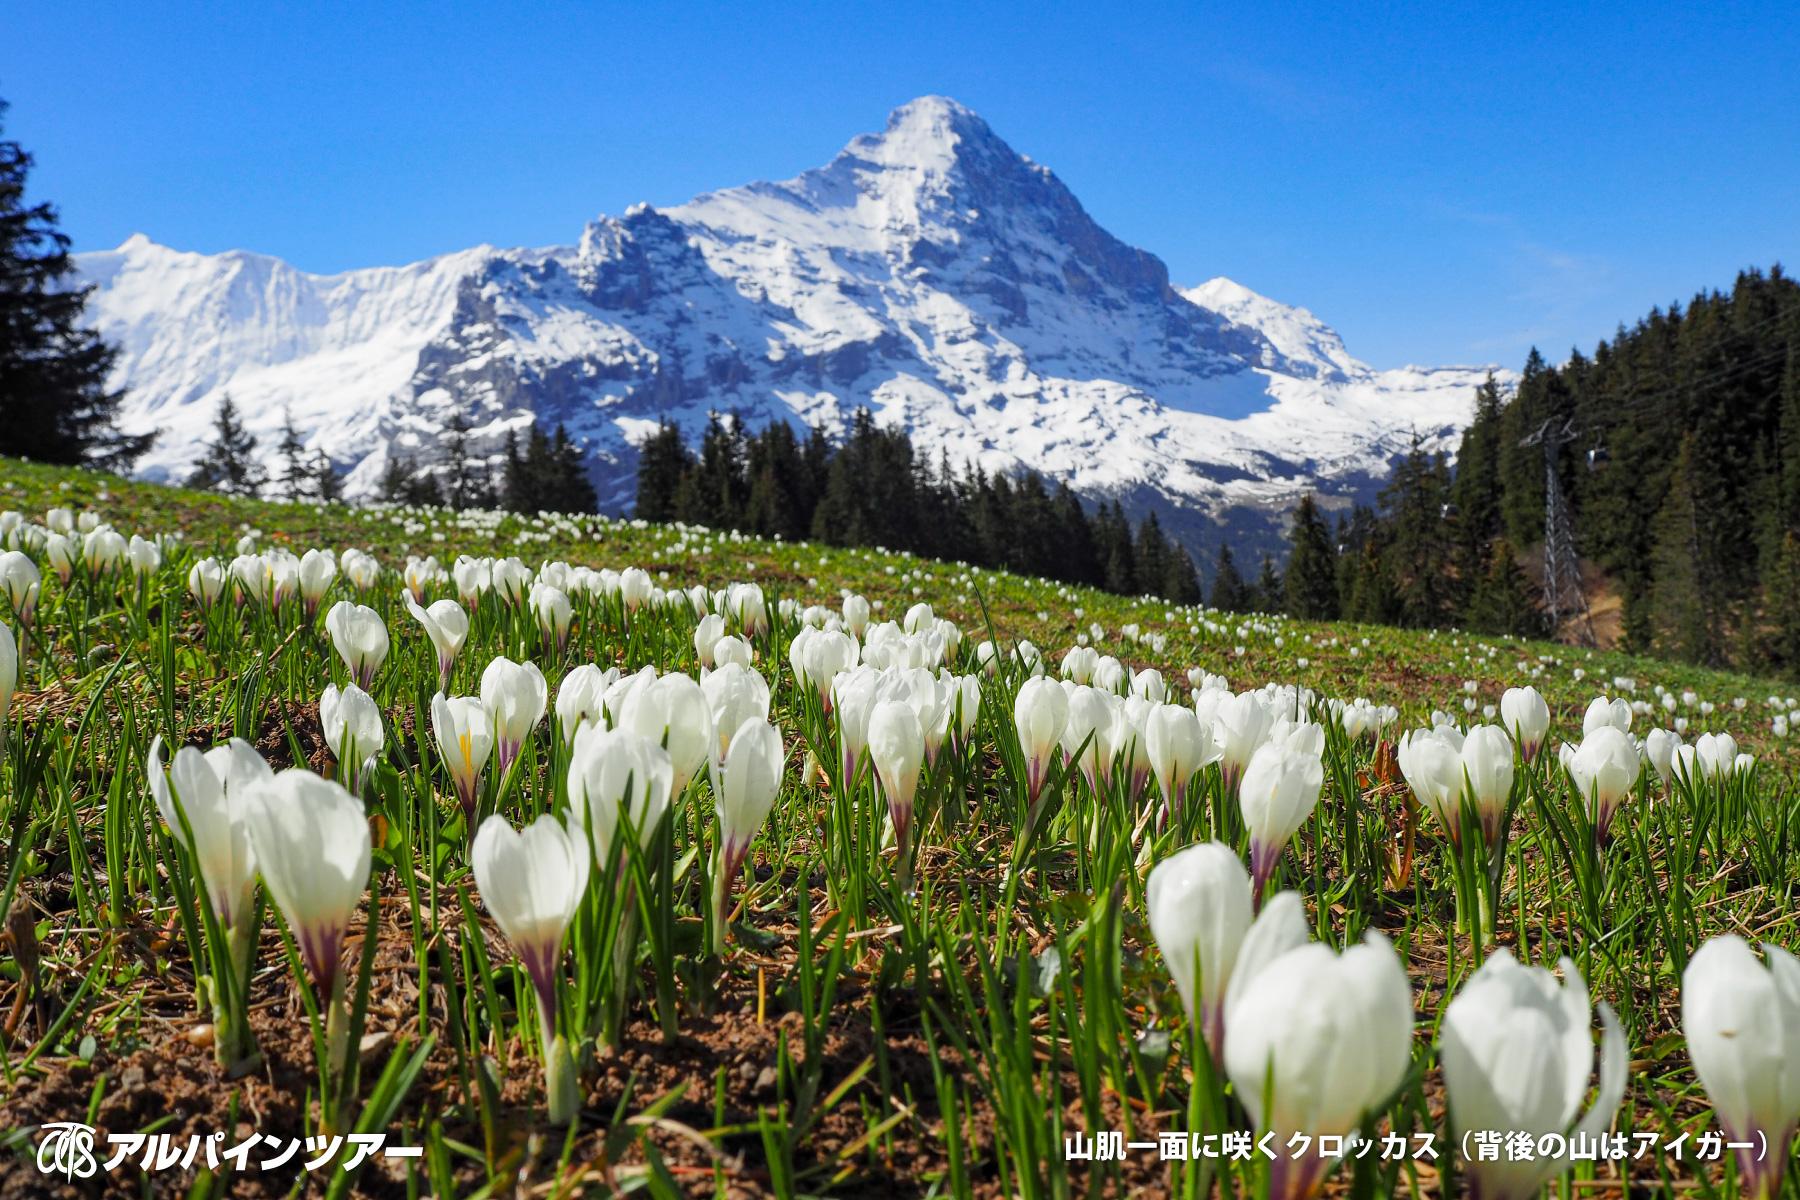 【今日の花】 クロッカス(スイス)